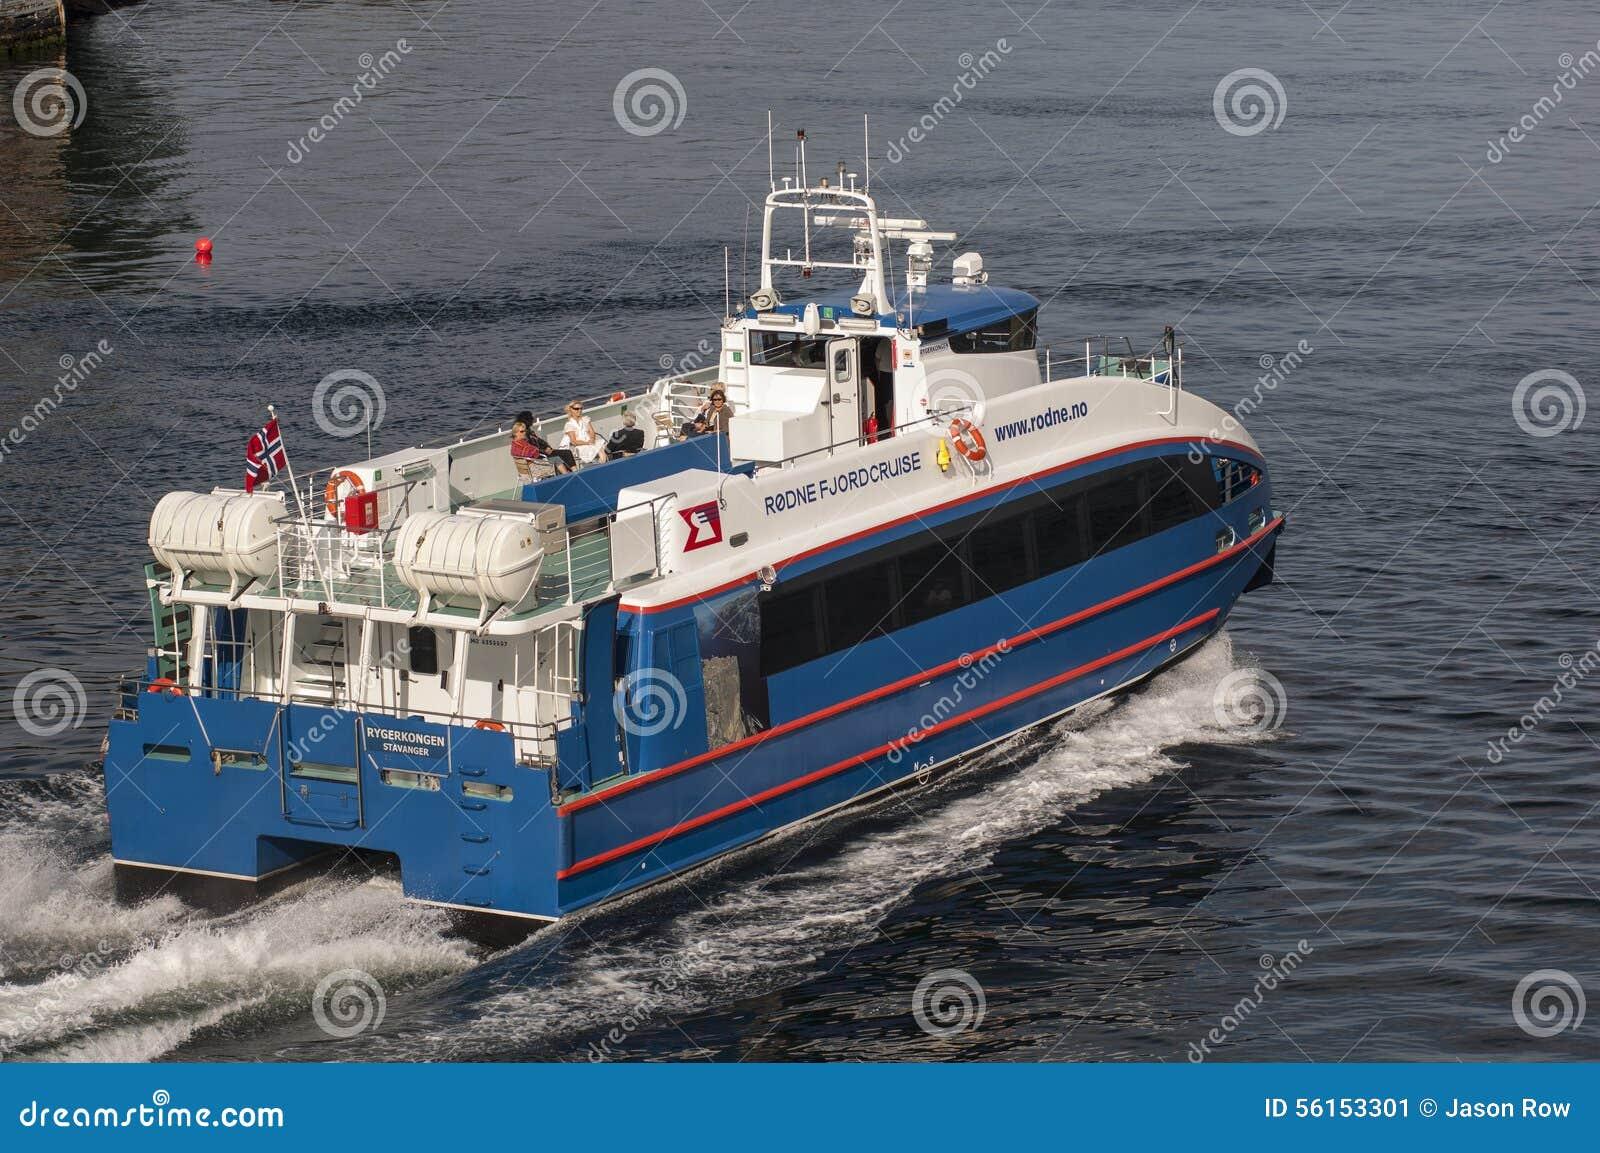 BERGEN/NORWAY - 21 giugno 2007 le foglie del traghetto di Rodne Fjordcruise sono